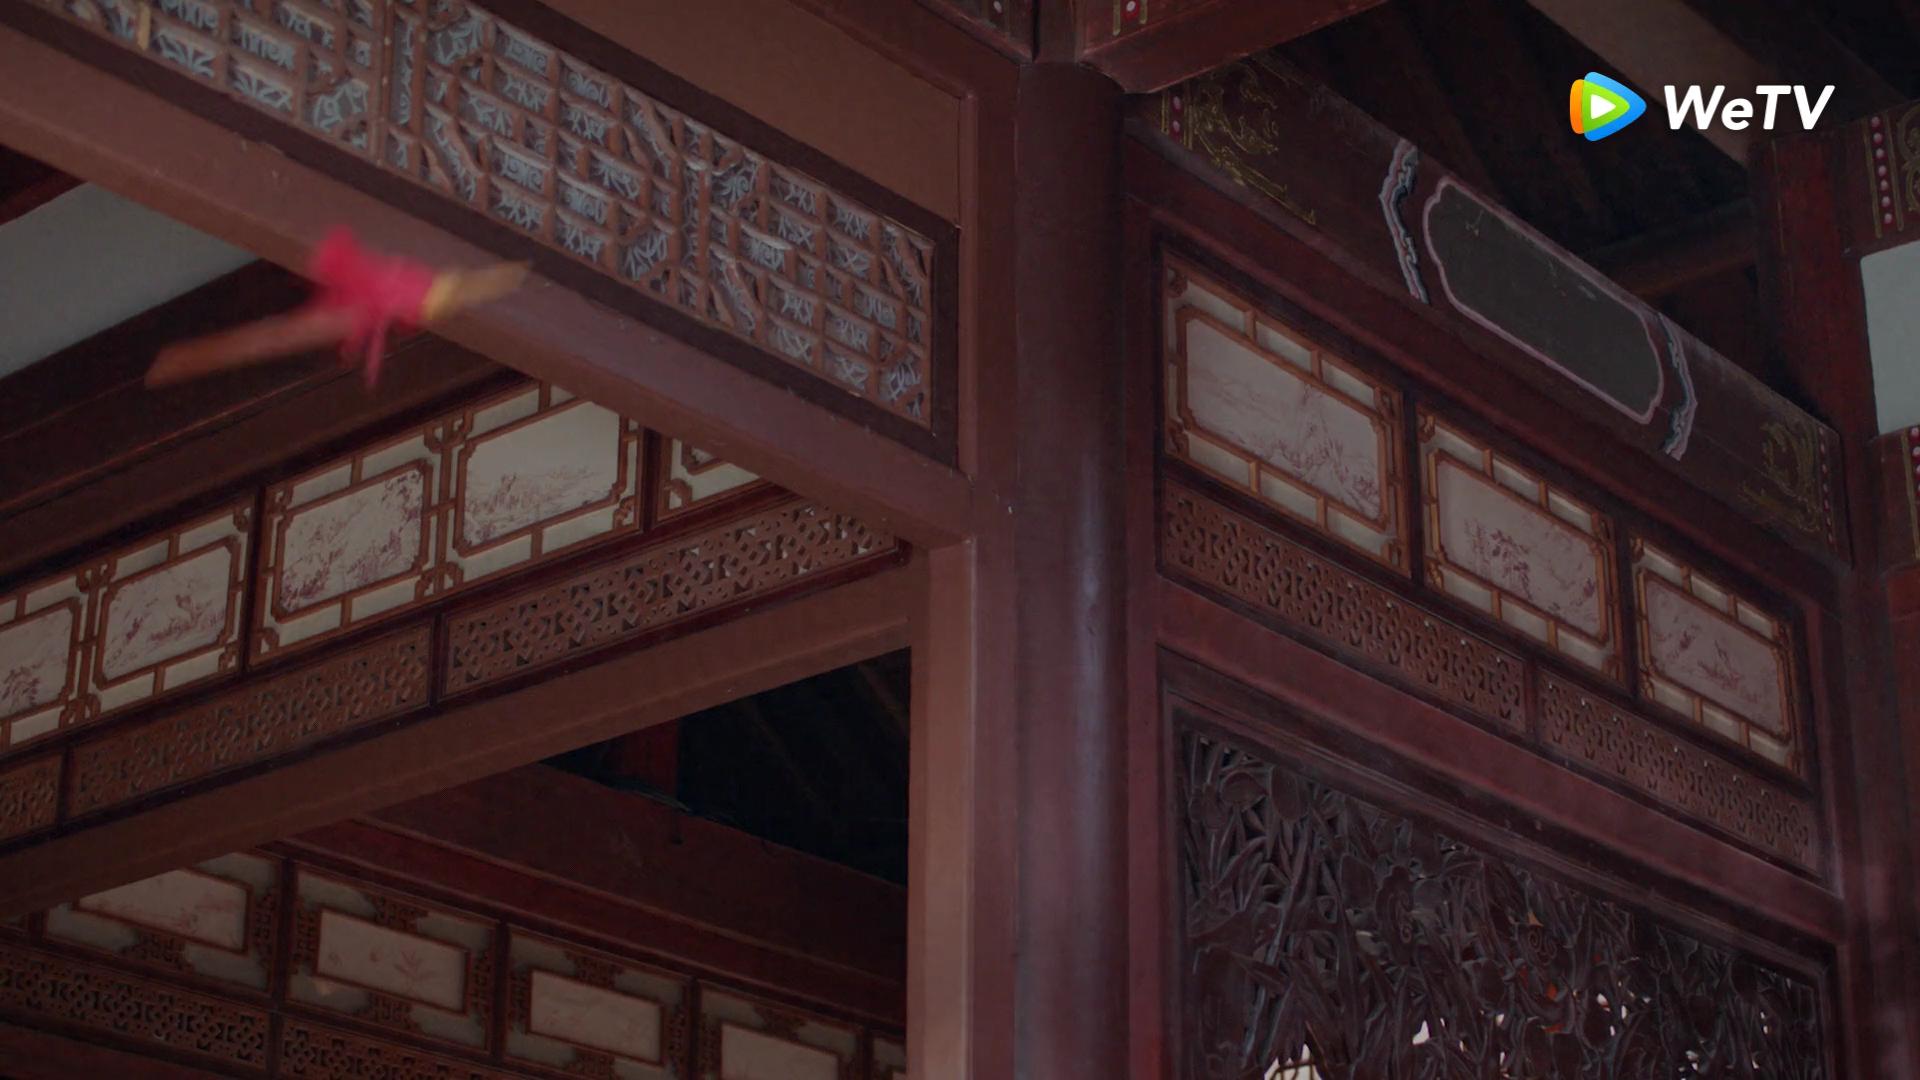 Chung Hán Lương công khai dẫn con riêng tin đồn về nhà, bị trà xanh hại suýt thiệt mạng ở Cẩm Tâm Tựa Ngọc - Ảnh 5.